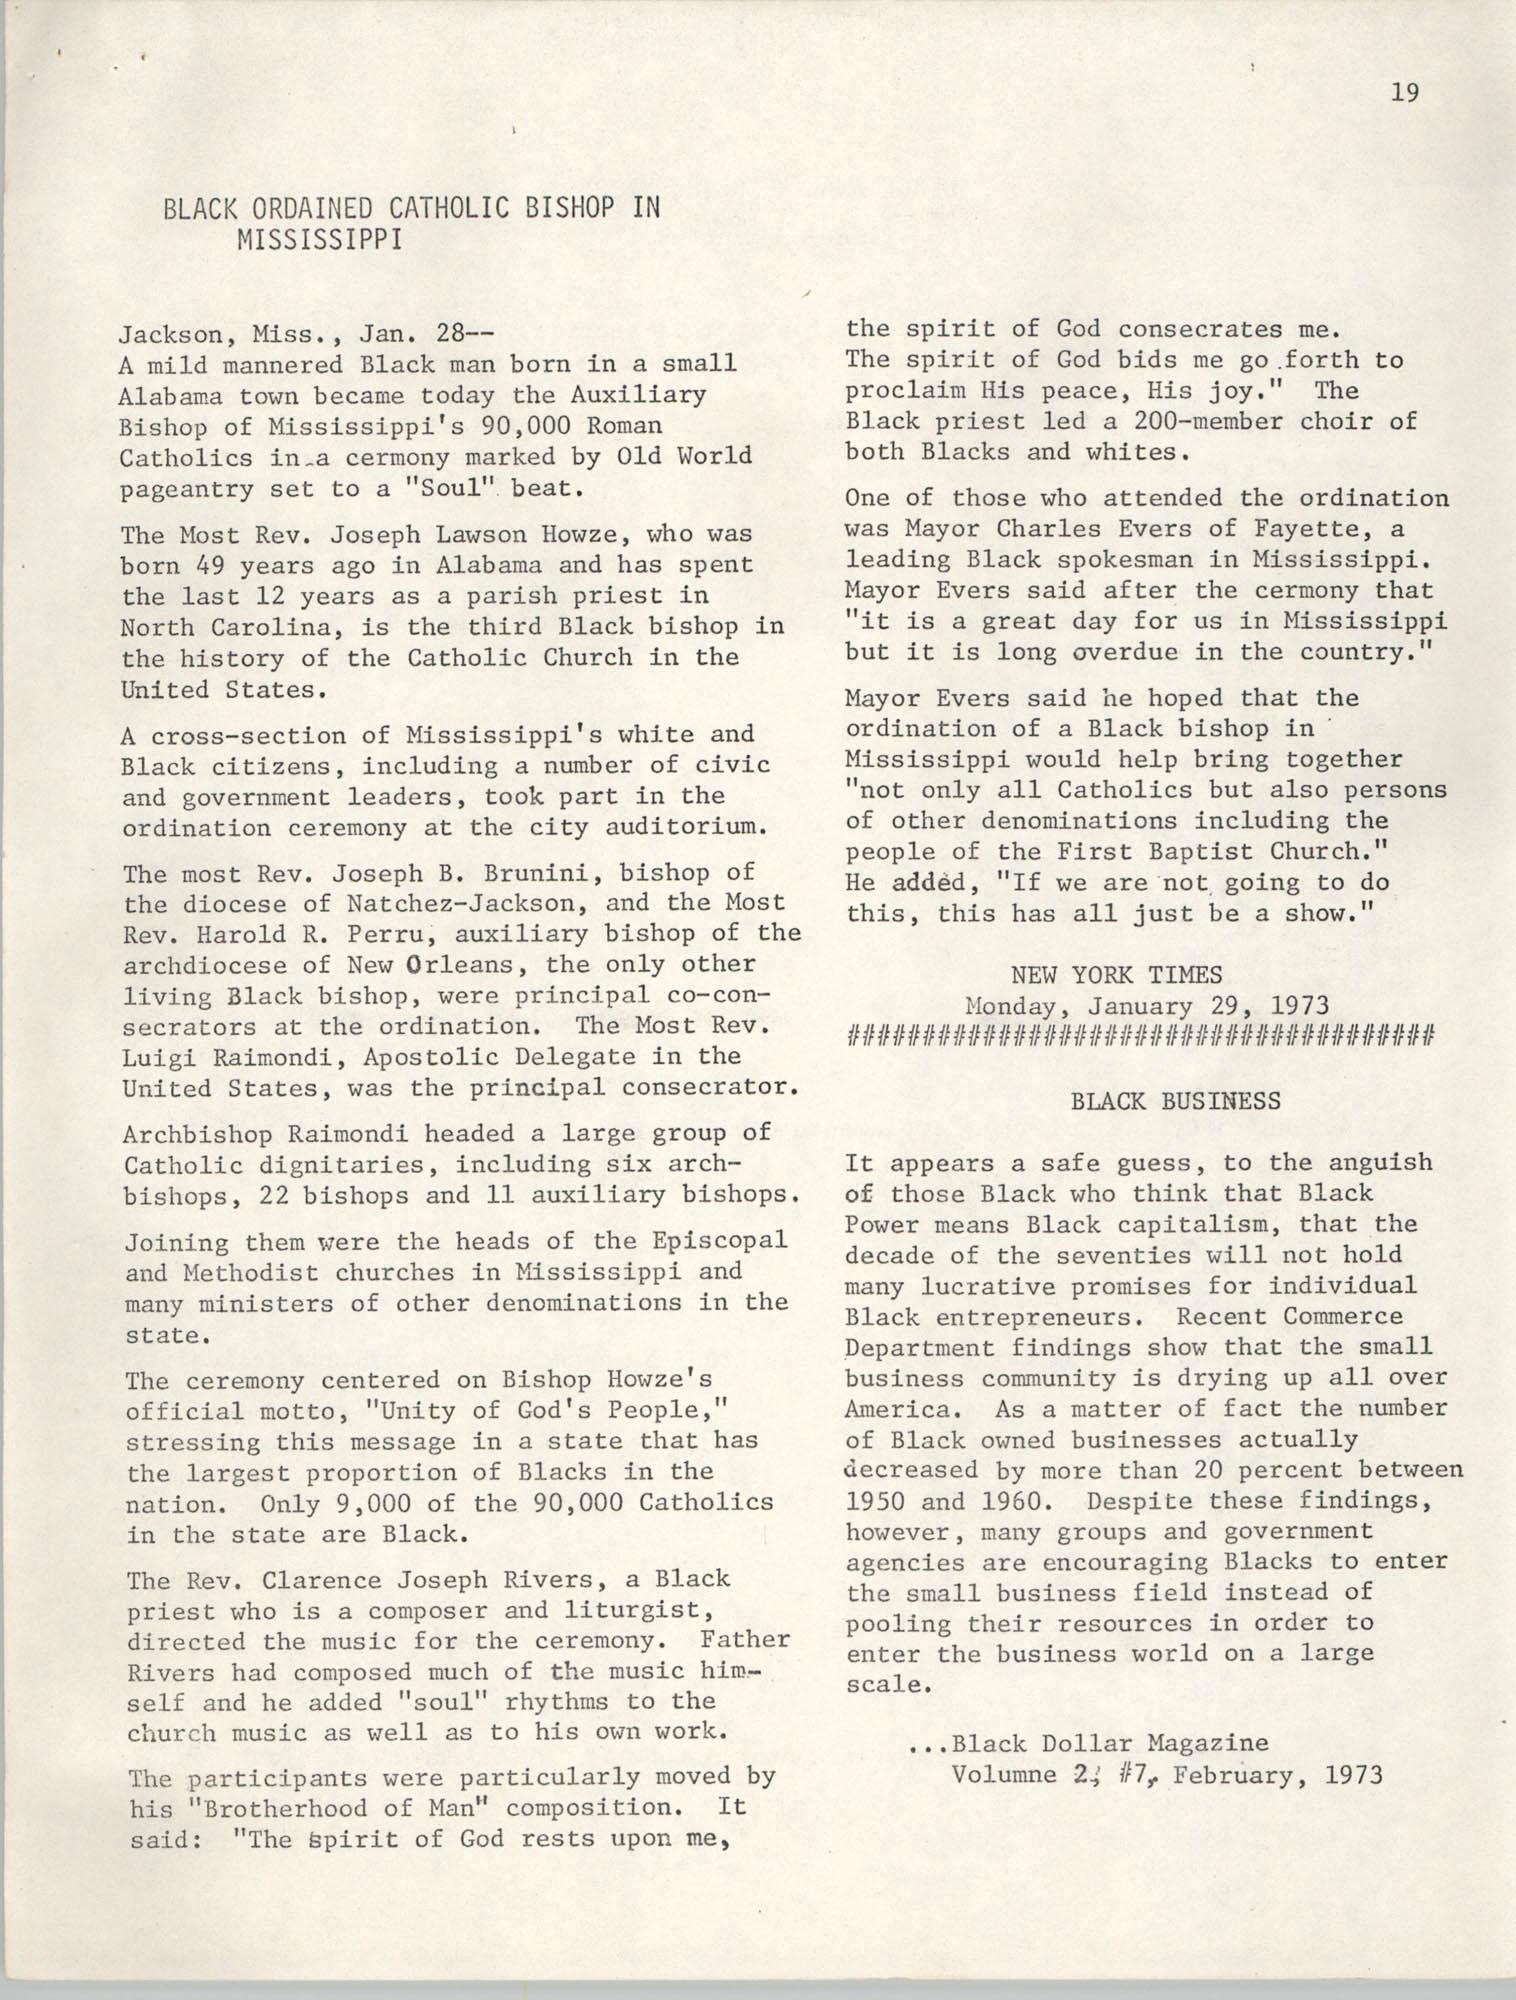 SHARE, Volume I, Number 8, April 1973, Page 19